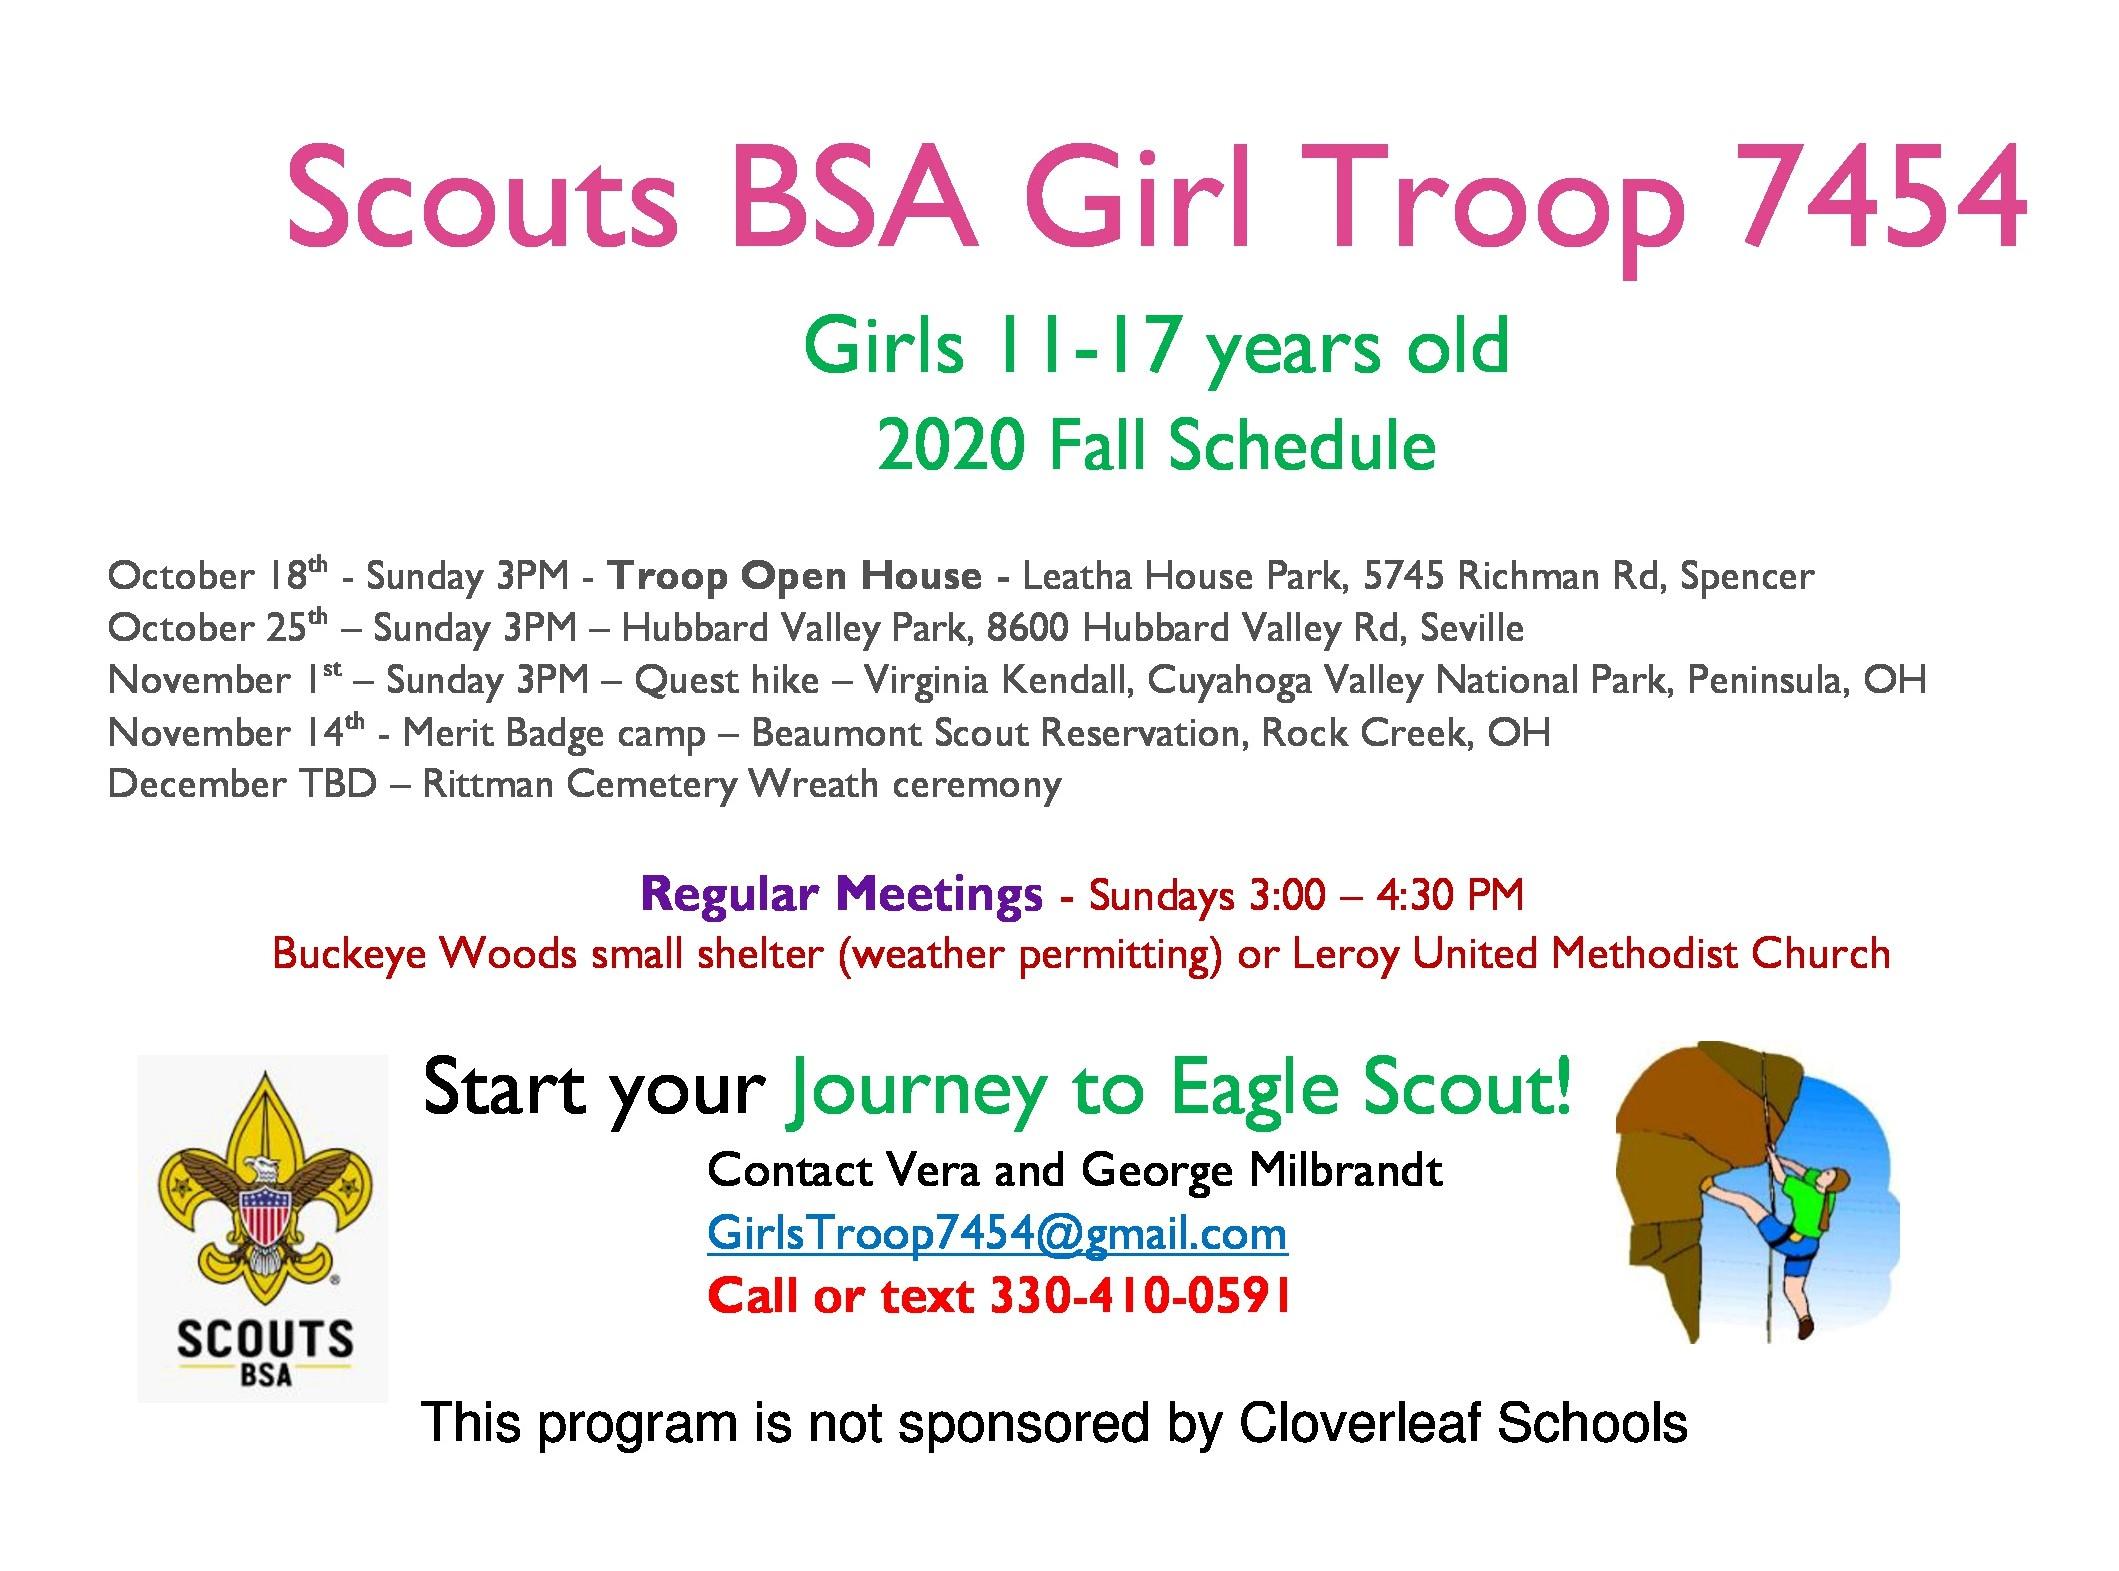 Scouts BSA Girl Troop 7454